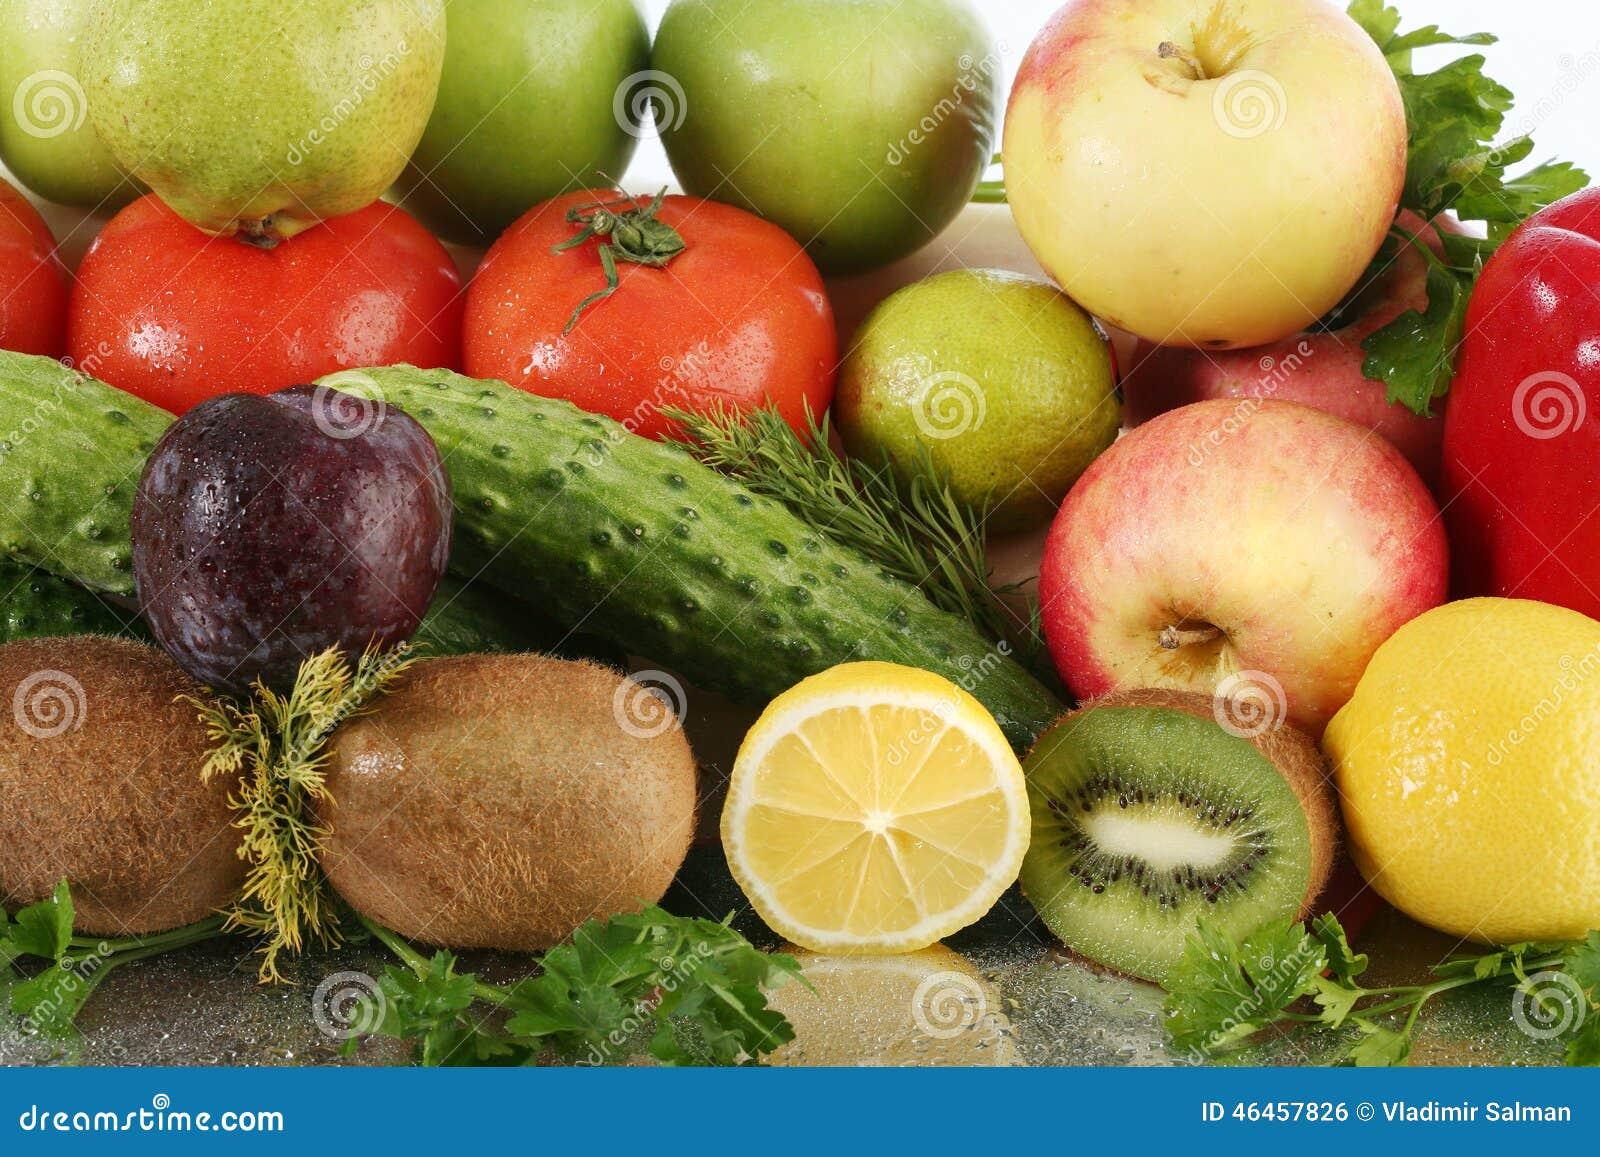 水果种类_被分类的成熟水果和蔬菜特写镜头在镜子在白色背景演播室浮出水面.